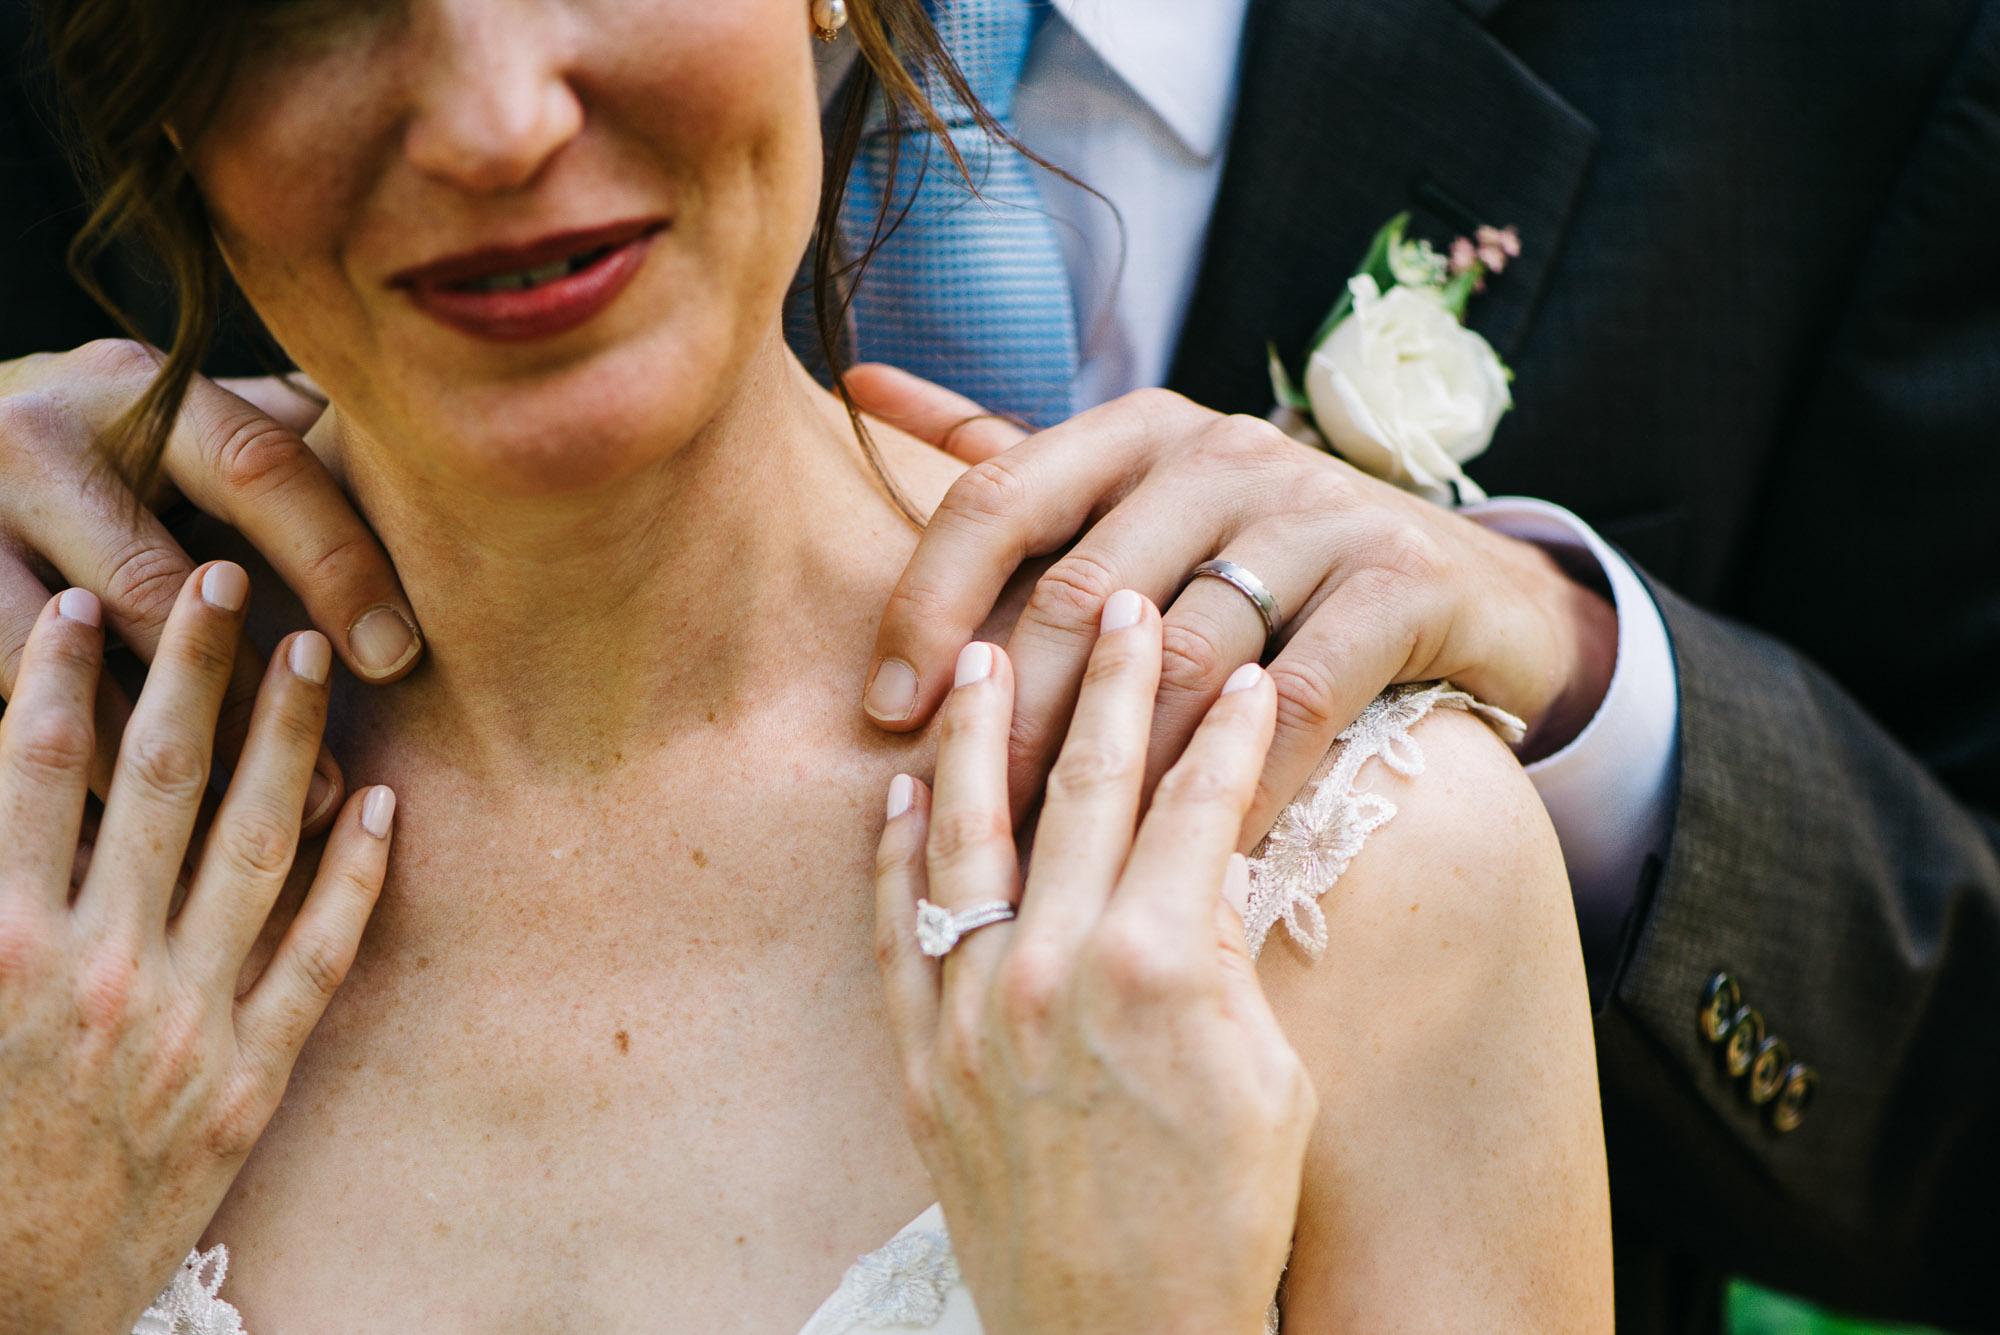 74elopement-photographer-colorado-colorado-mountain-wedding-photographer-romantic-wedding-pictures_018.jpg